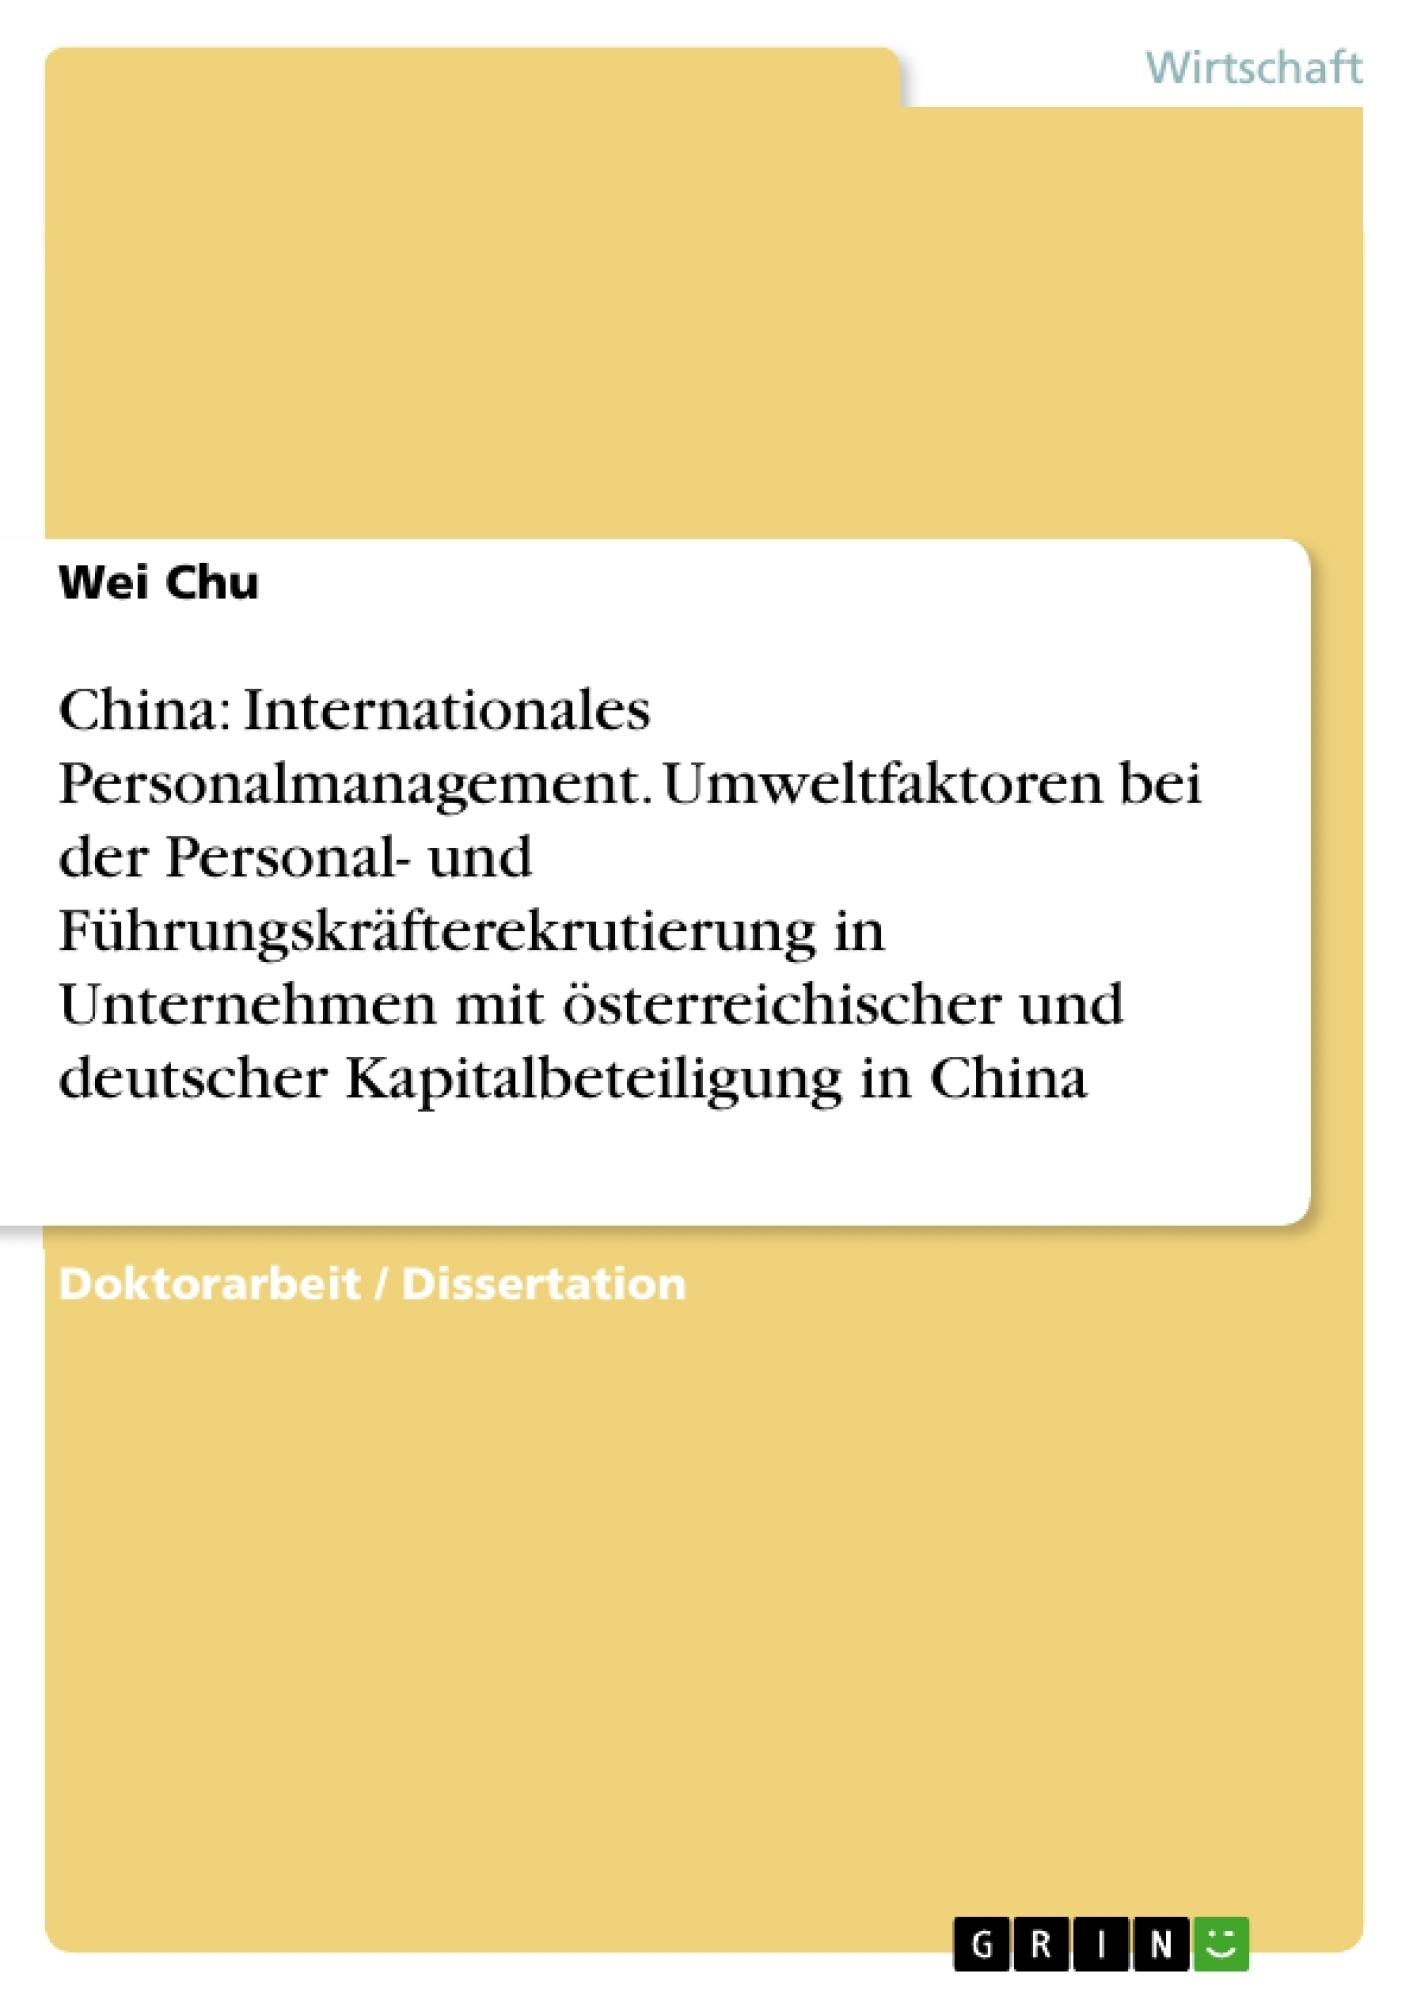 China: internationales personalmanagement. umweltfaktoren bei der